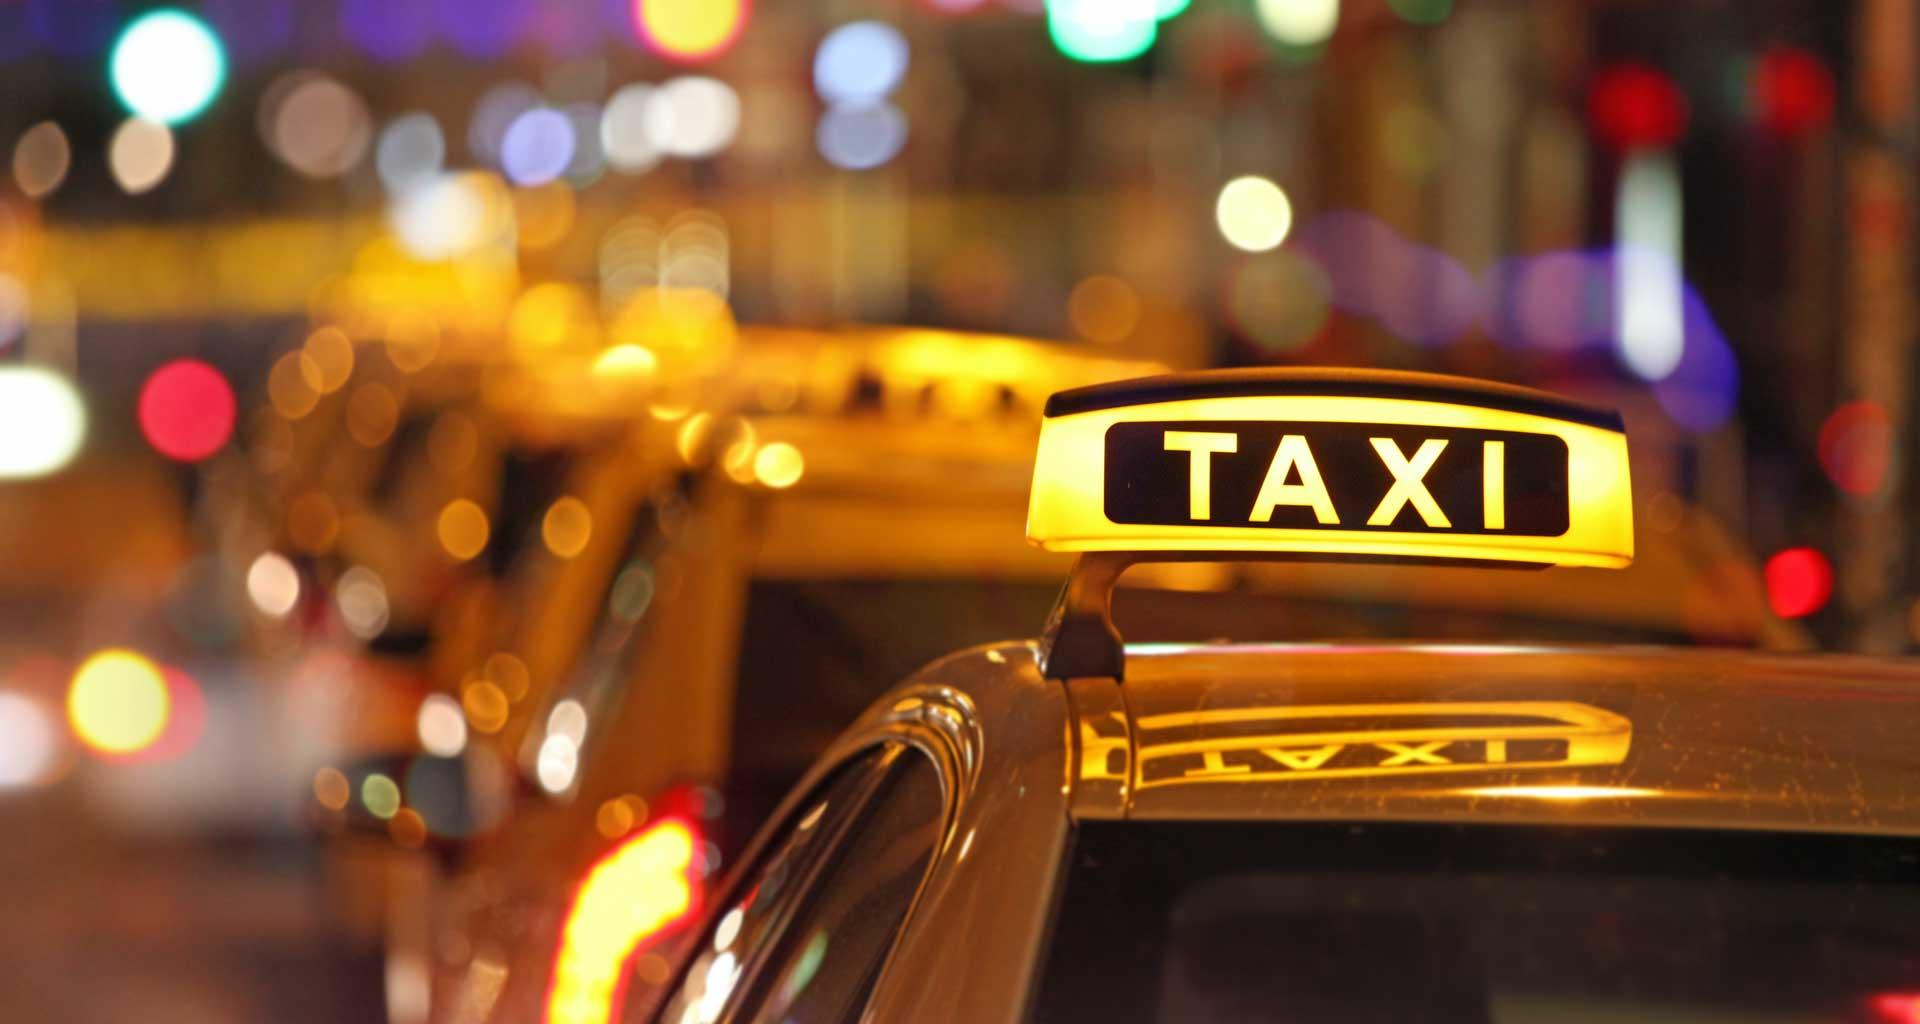 Wheelchair taxi transportation in Rio de Janeiro.